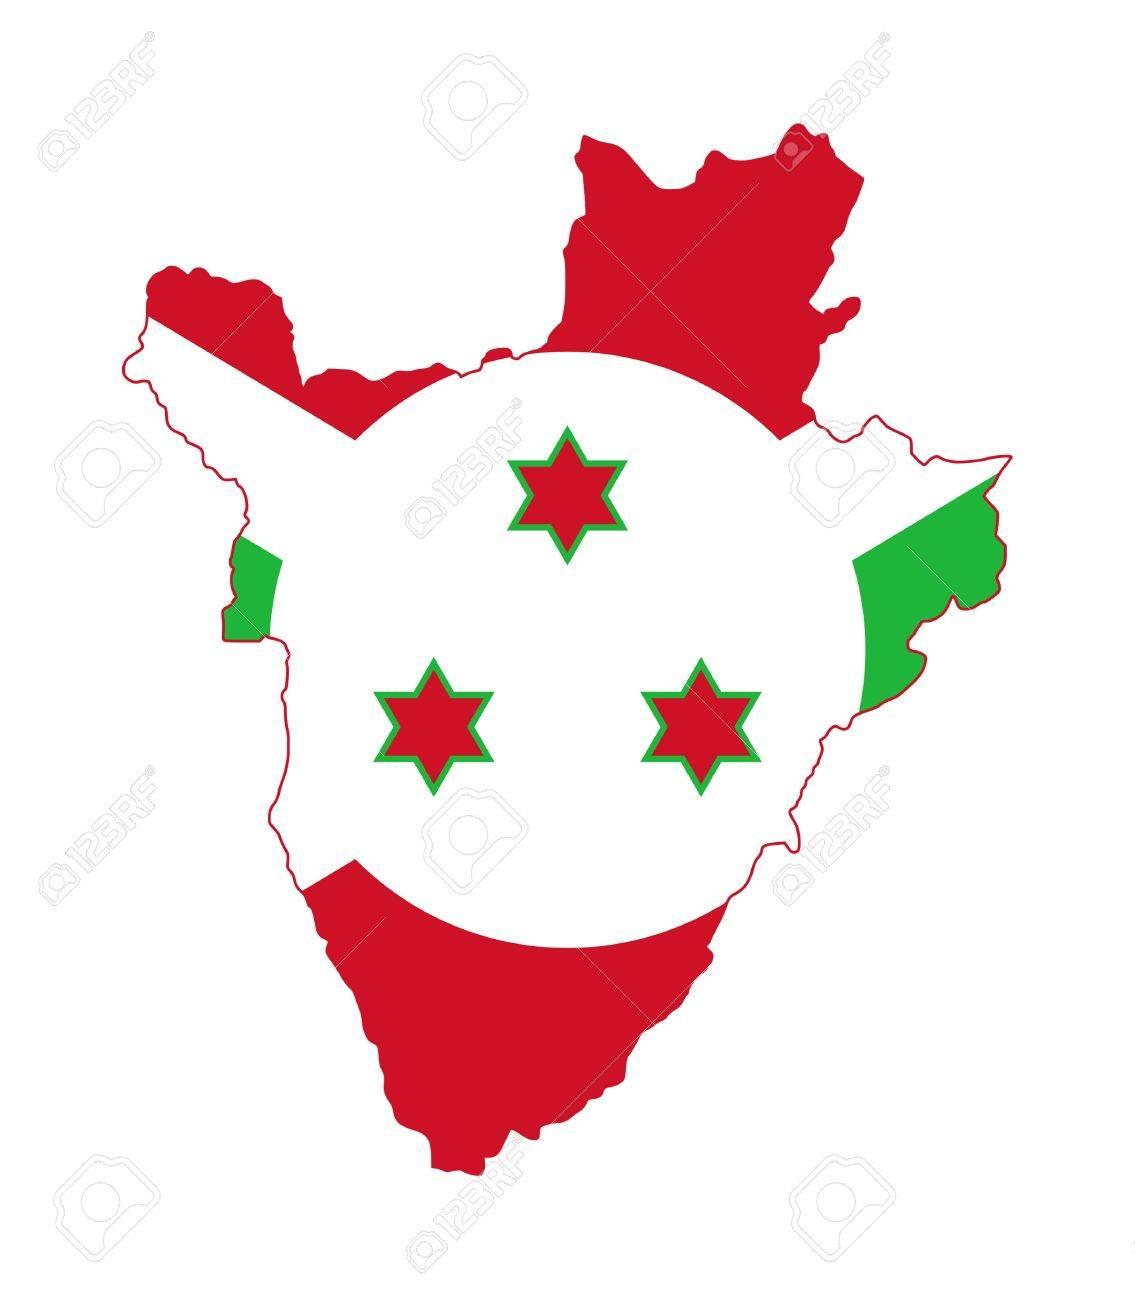 Illustration of Burundi flag on map of country; isolated on white background. Stock Photo - 9320559